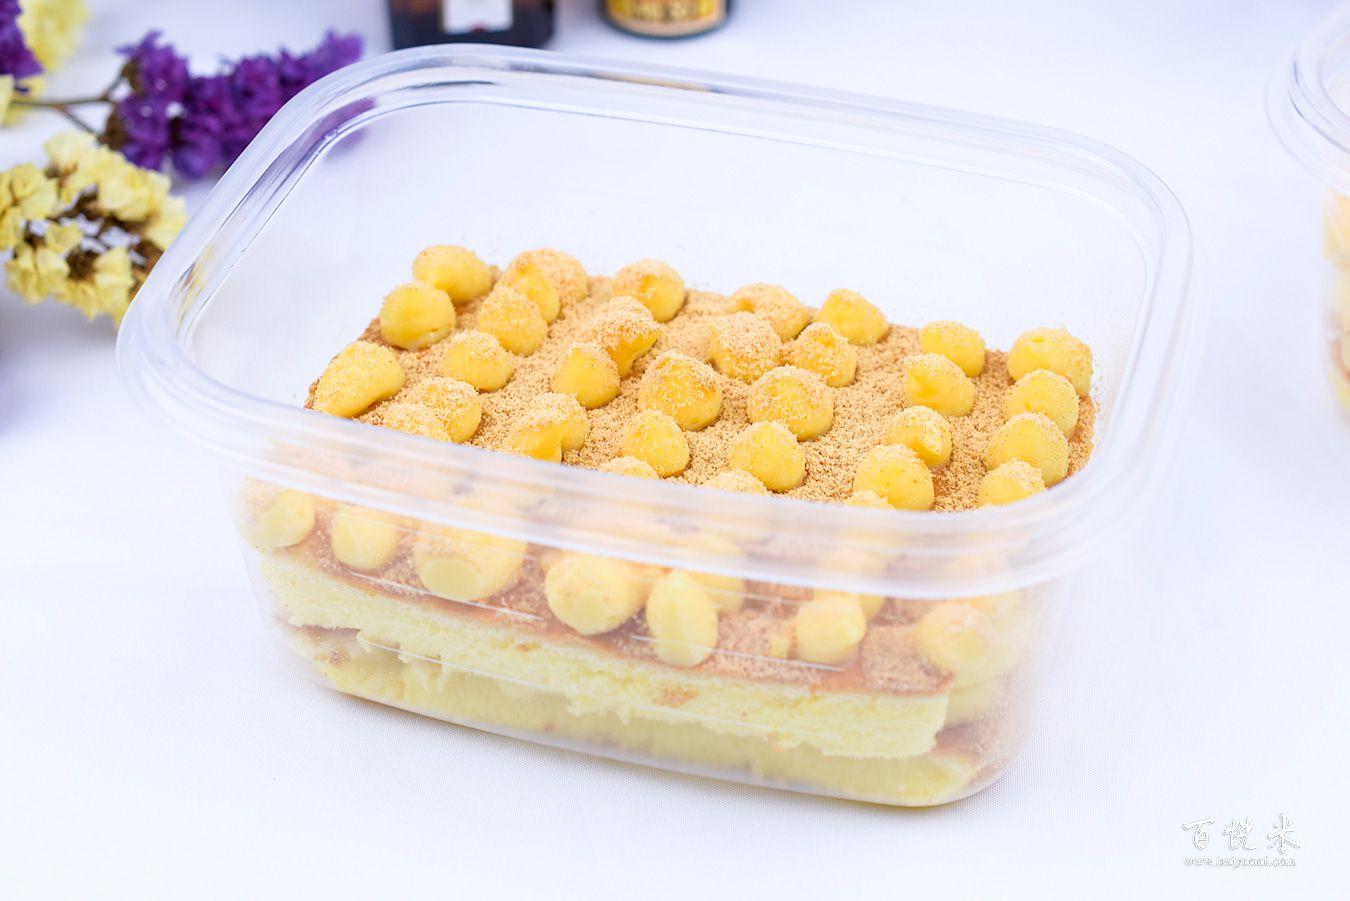 豆乳盒子蛋糕高清图片大全【蛋糕图片】